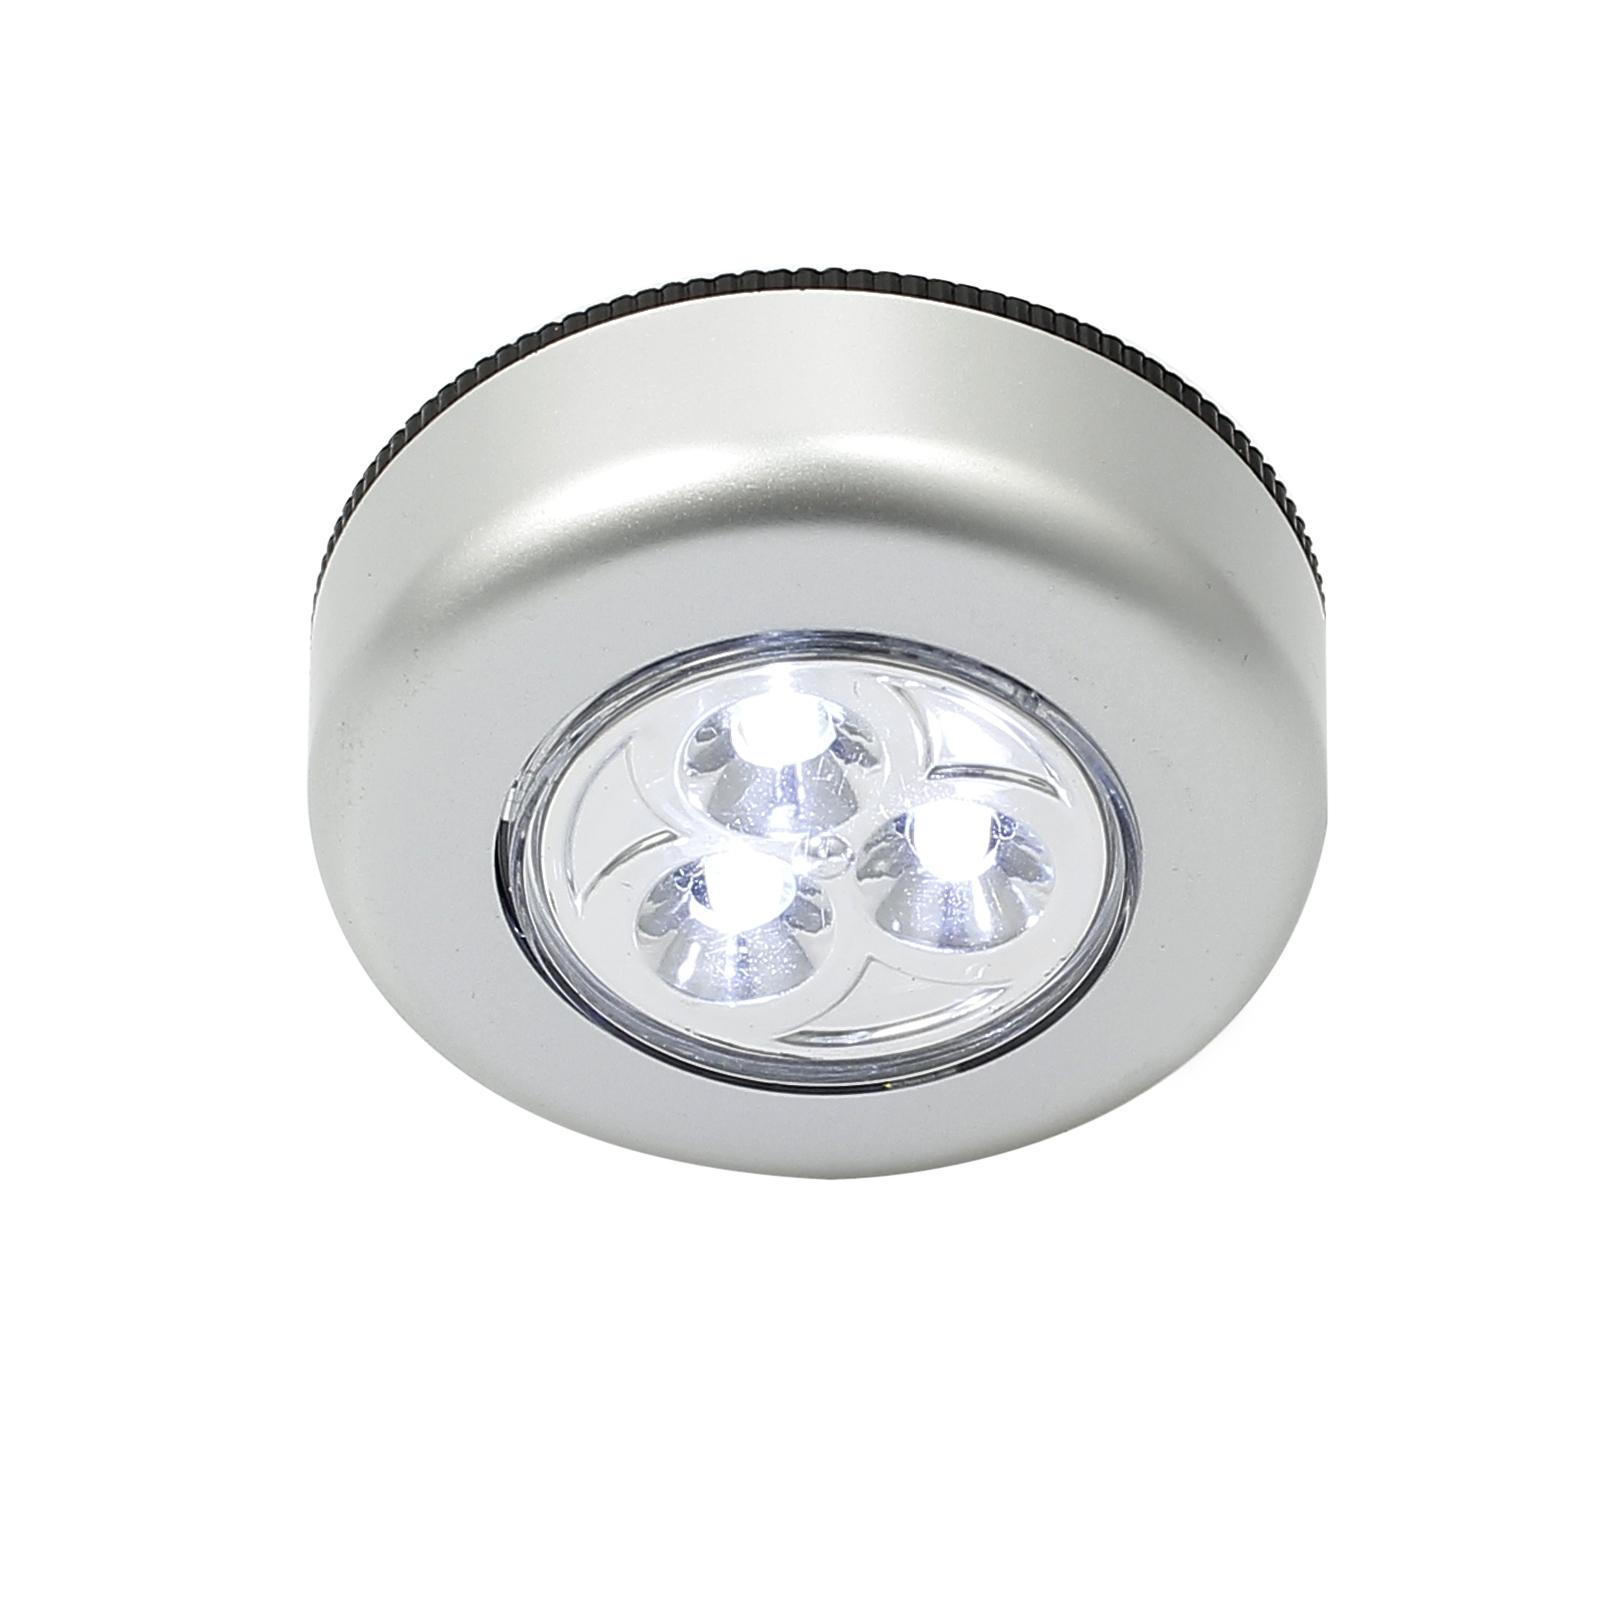 10x LED Touch Leuchte Lampe Klebeleuchte Weiß Licht Batteriebetrieb ...